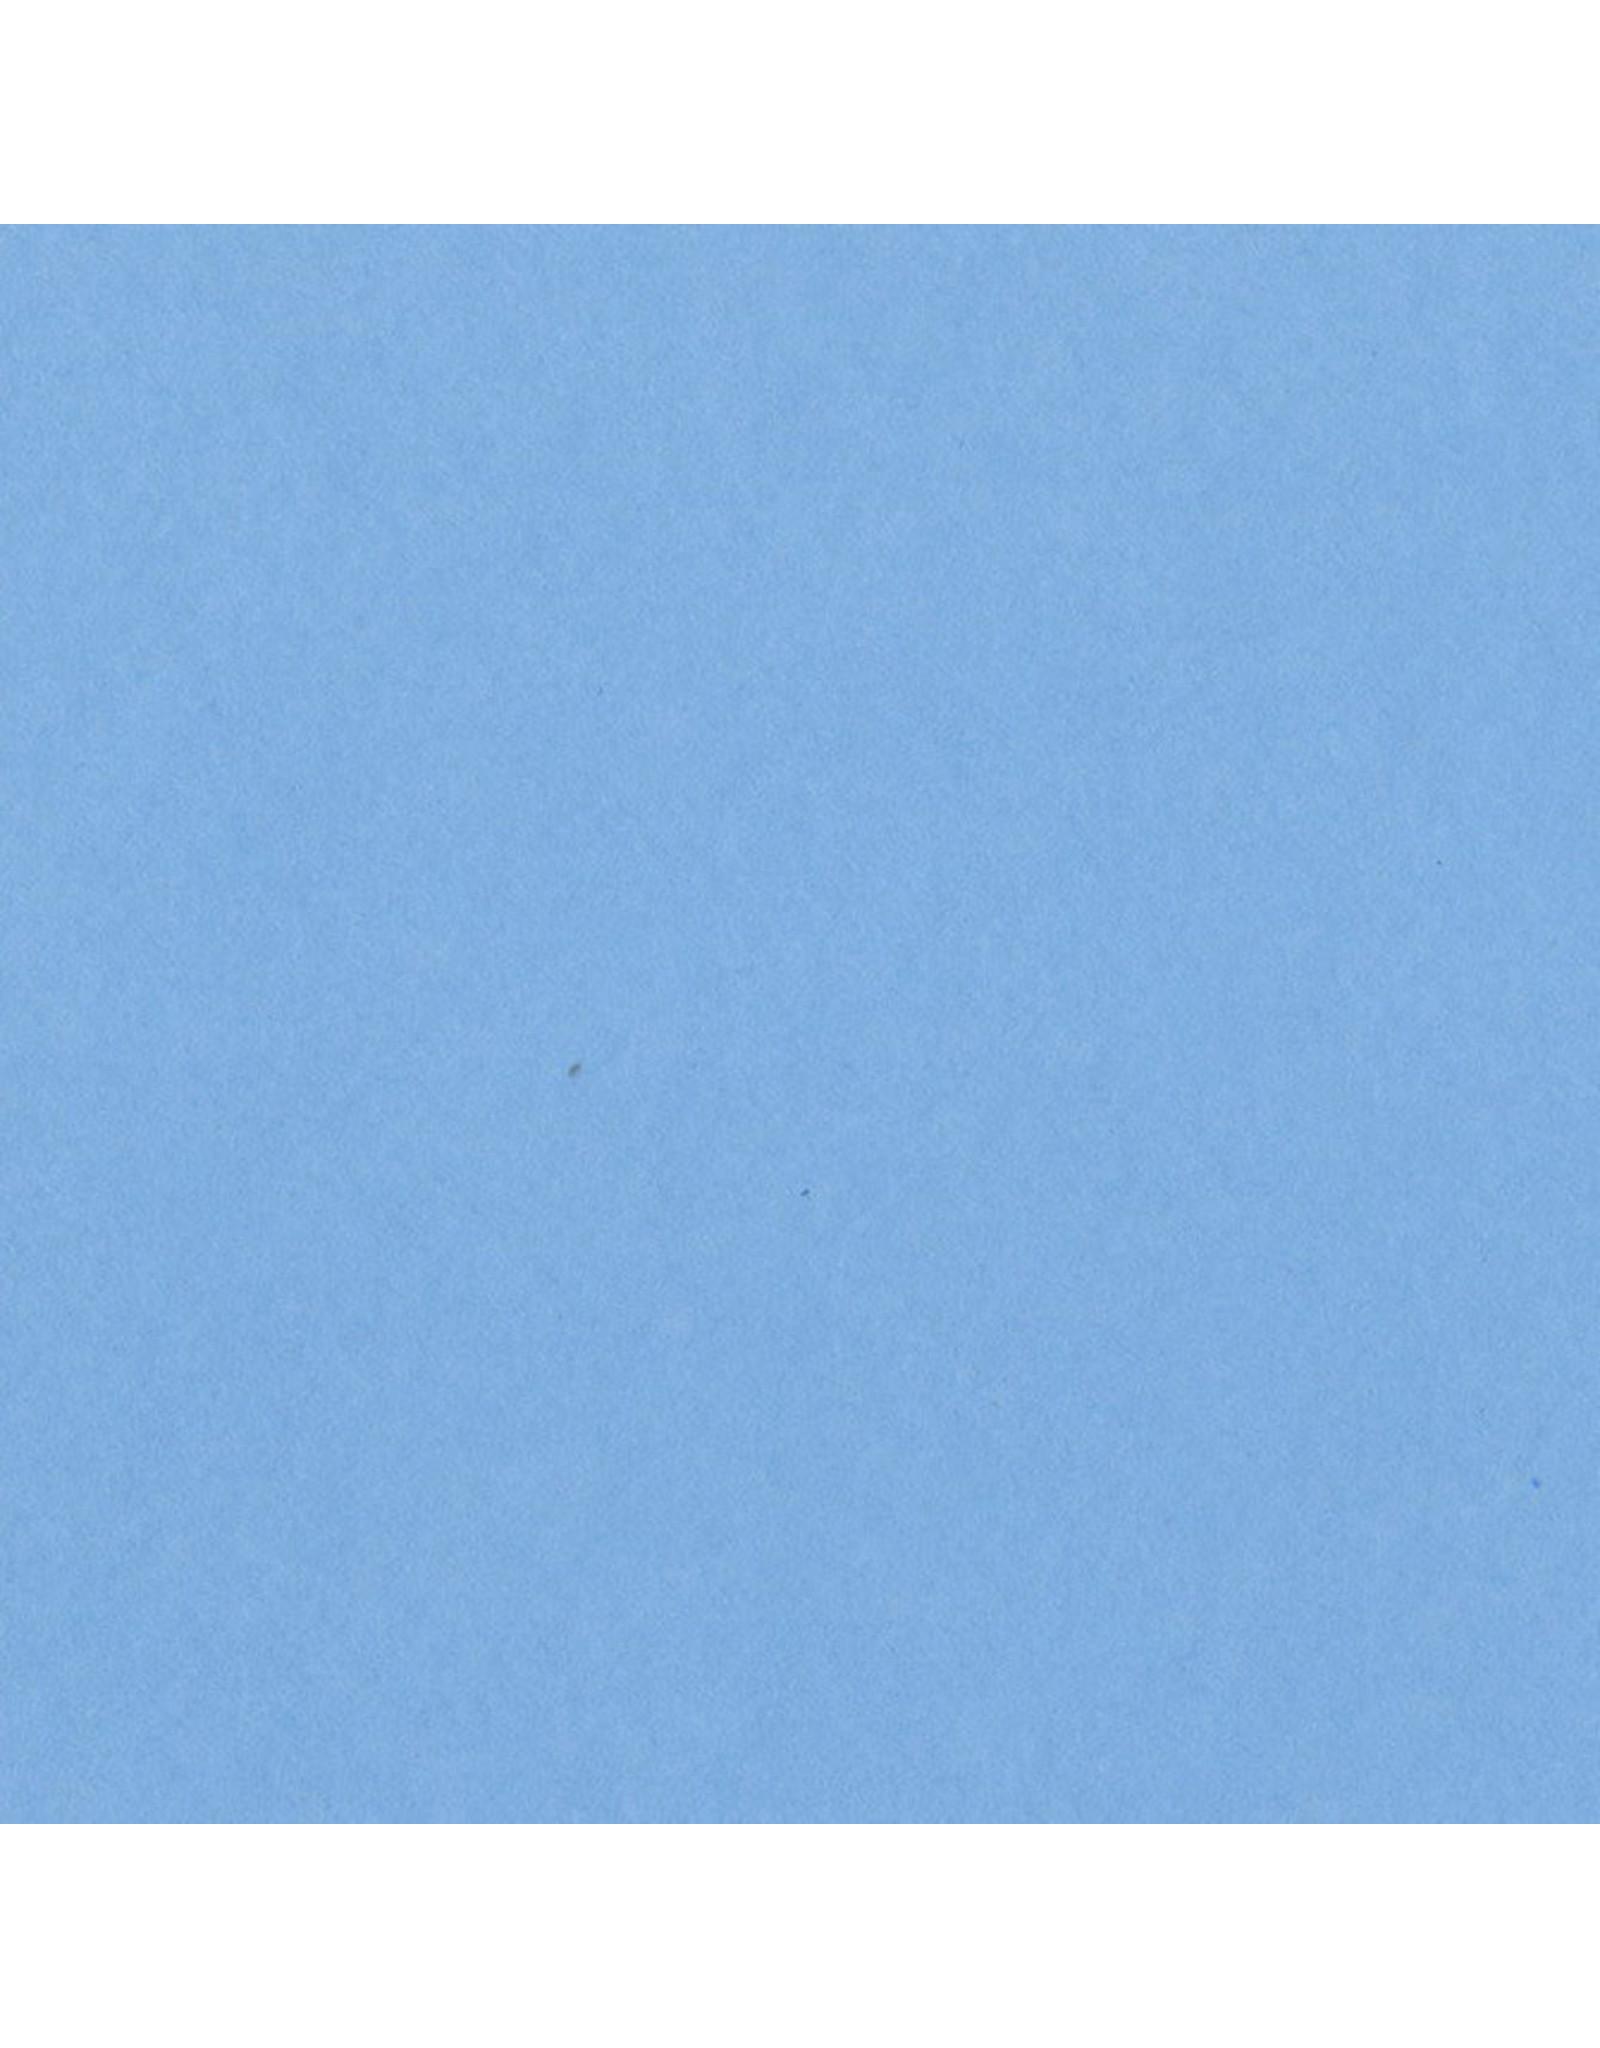 Bazzill Bazzill Card Shoppe 8.5x11 - Gumball